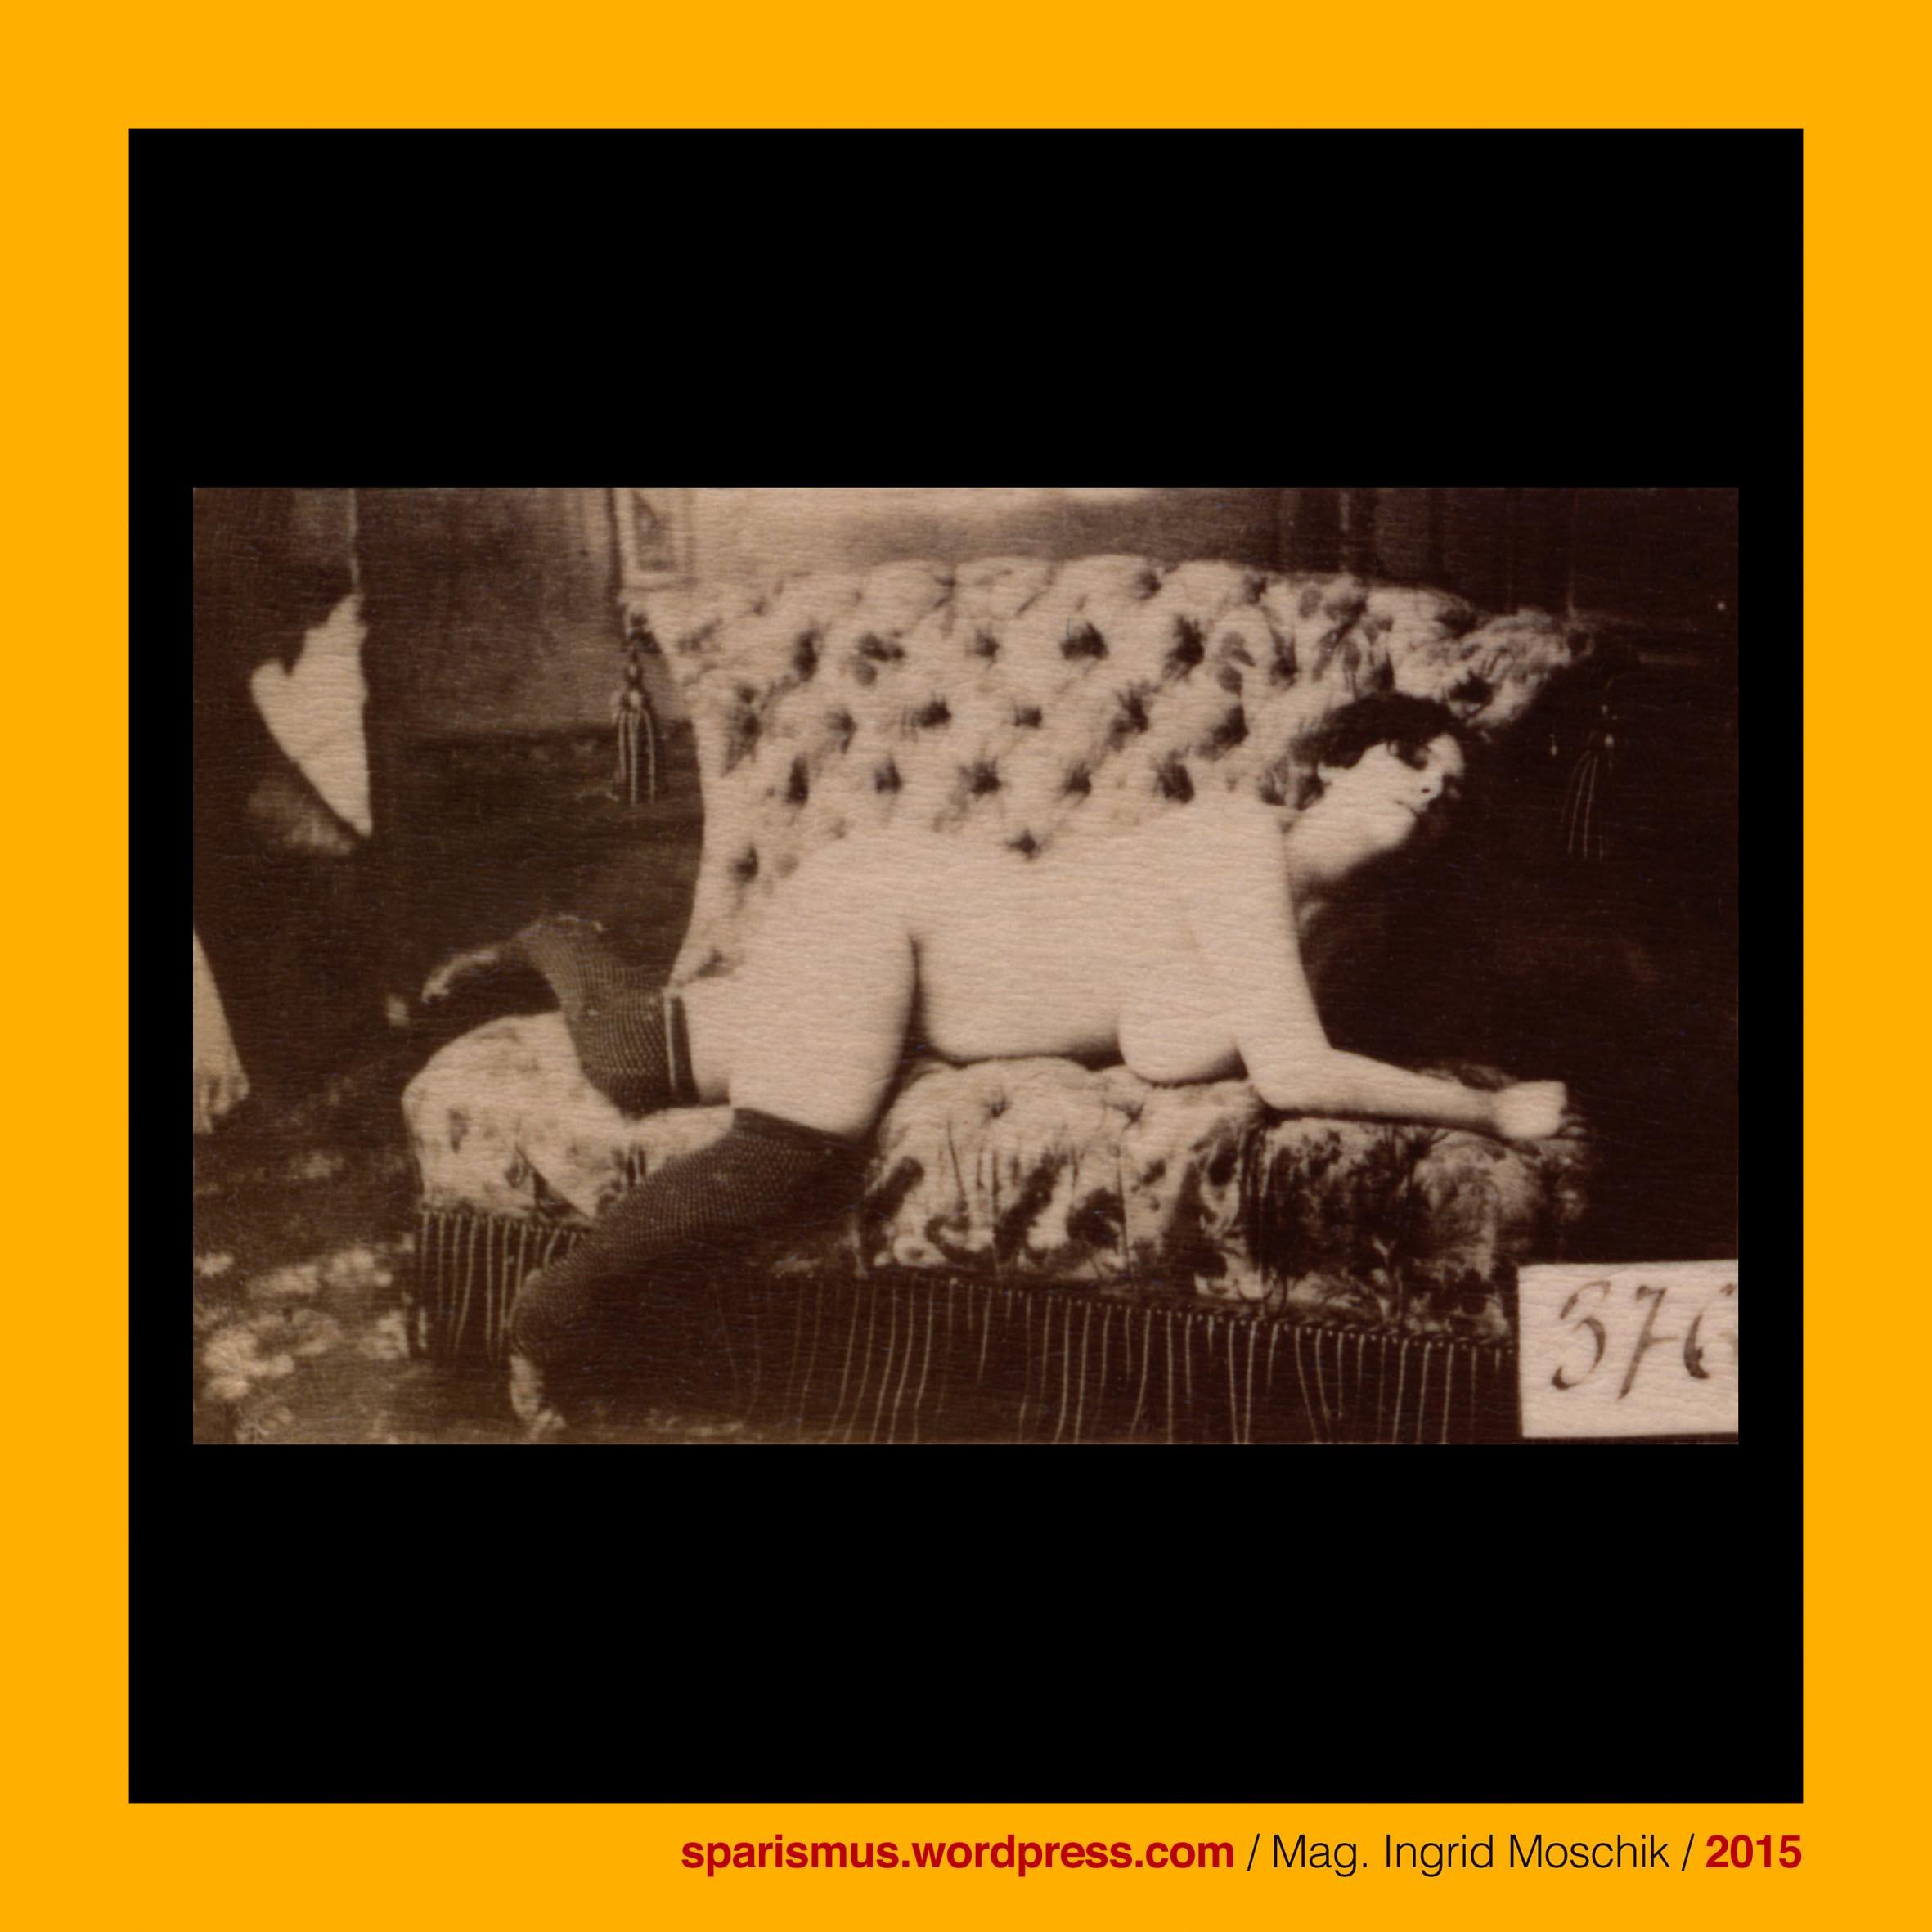 Otto Schmidt Wien 1885 376 kurvige Odaliske unbekleidet auf